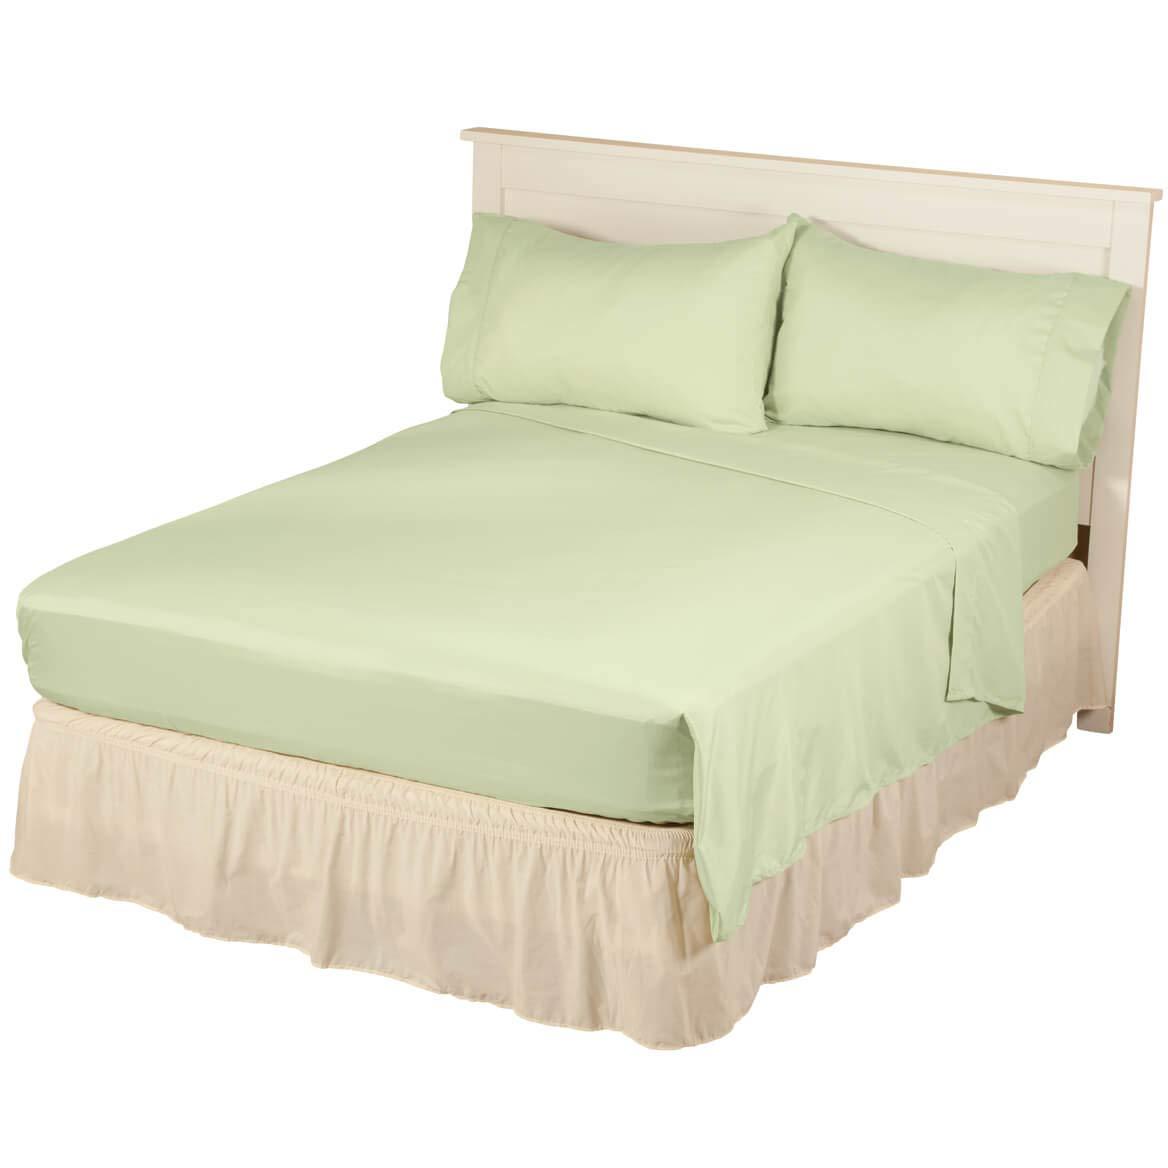 Bed Tite Microfiber Sheet Sets Full Sage